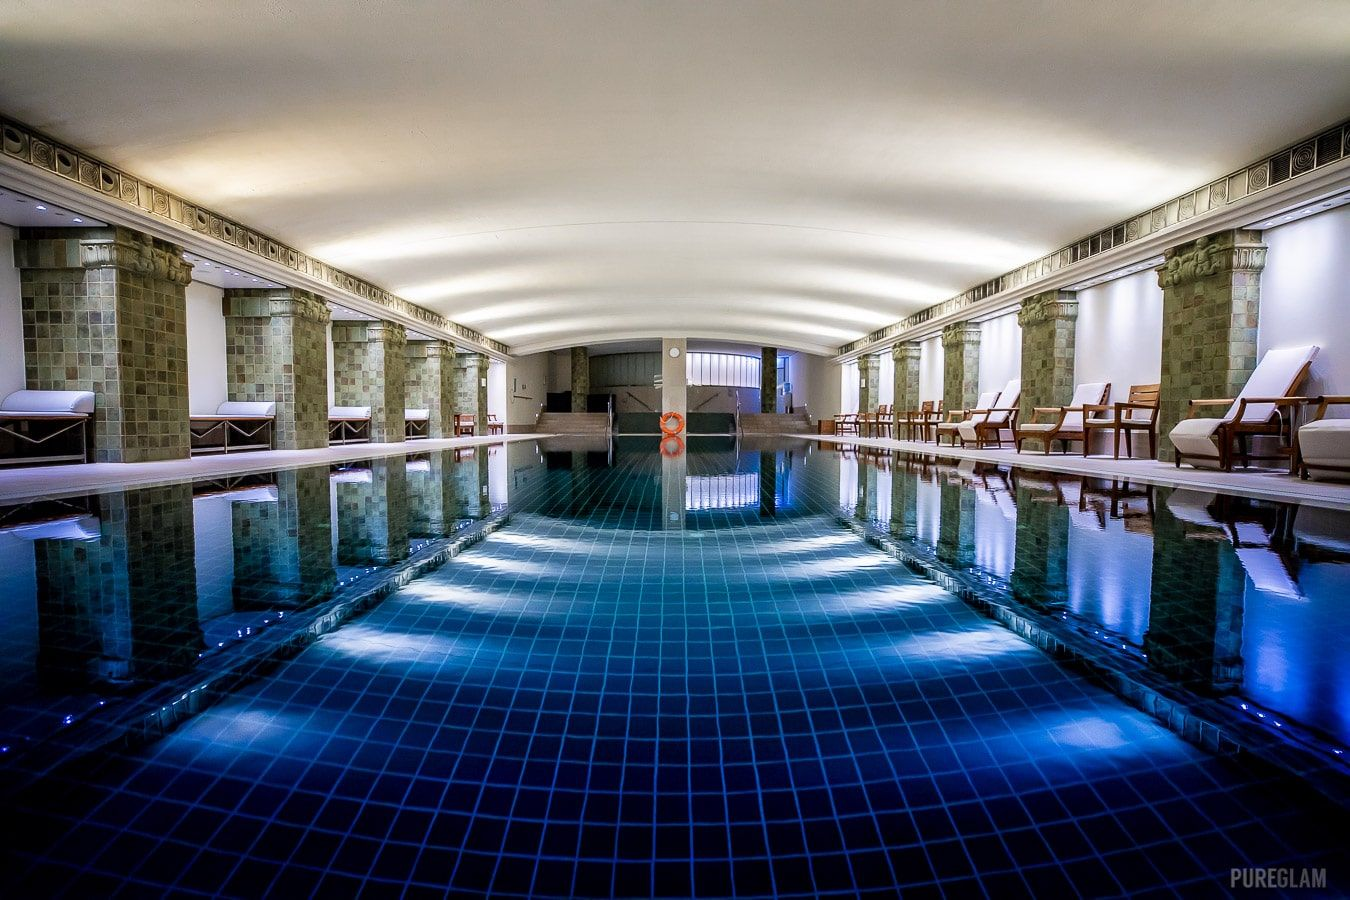 Das Park Hyatt Hamburg Hotel Luxus Mit Charme Erleben Hotel Reviews Reiseblog Hotel Hamburg Ubernachten Hafen City